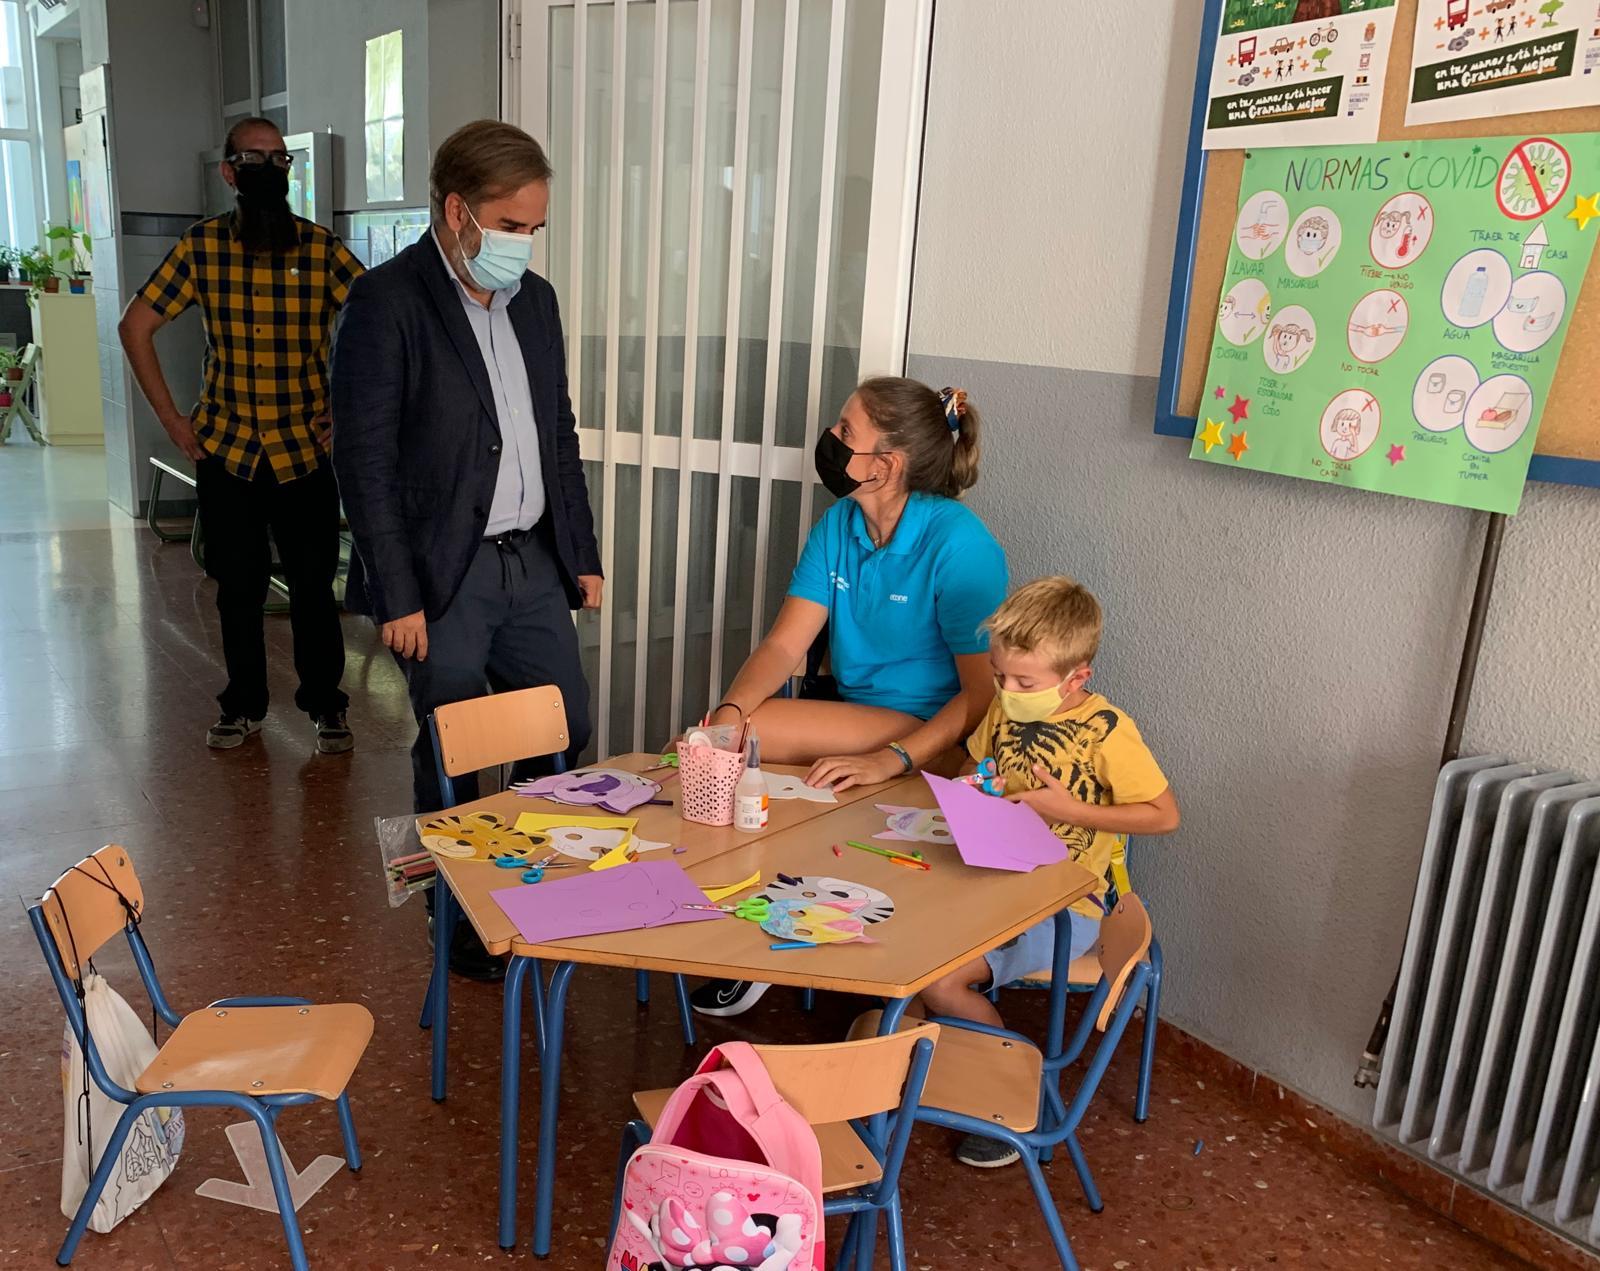 800 niños y niñas disfrutarán de la oferta lúdico educativa del Ayuntamiento